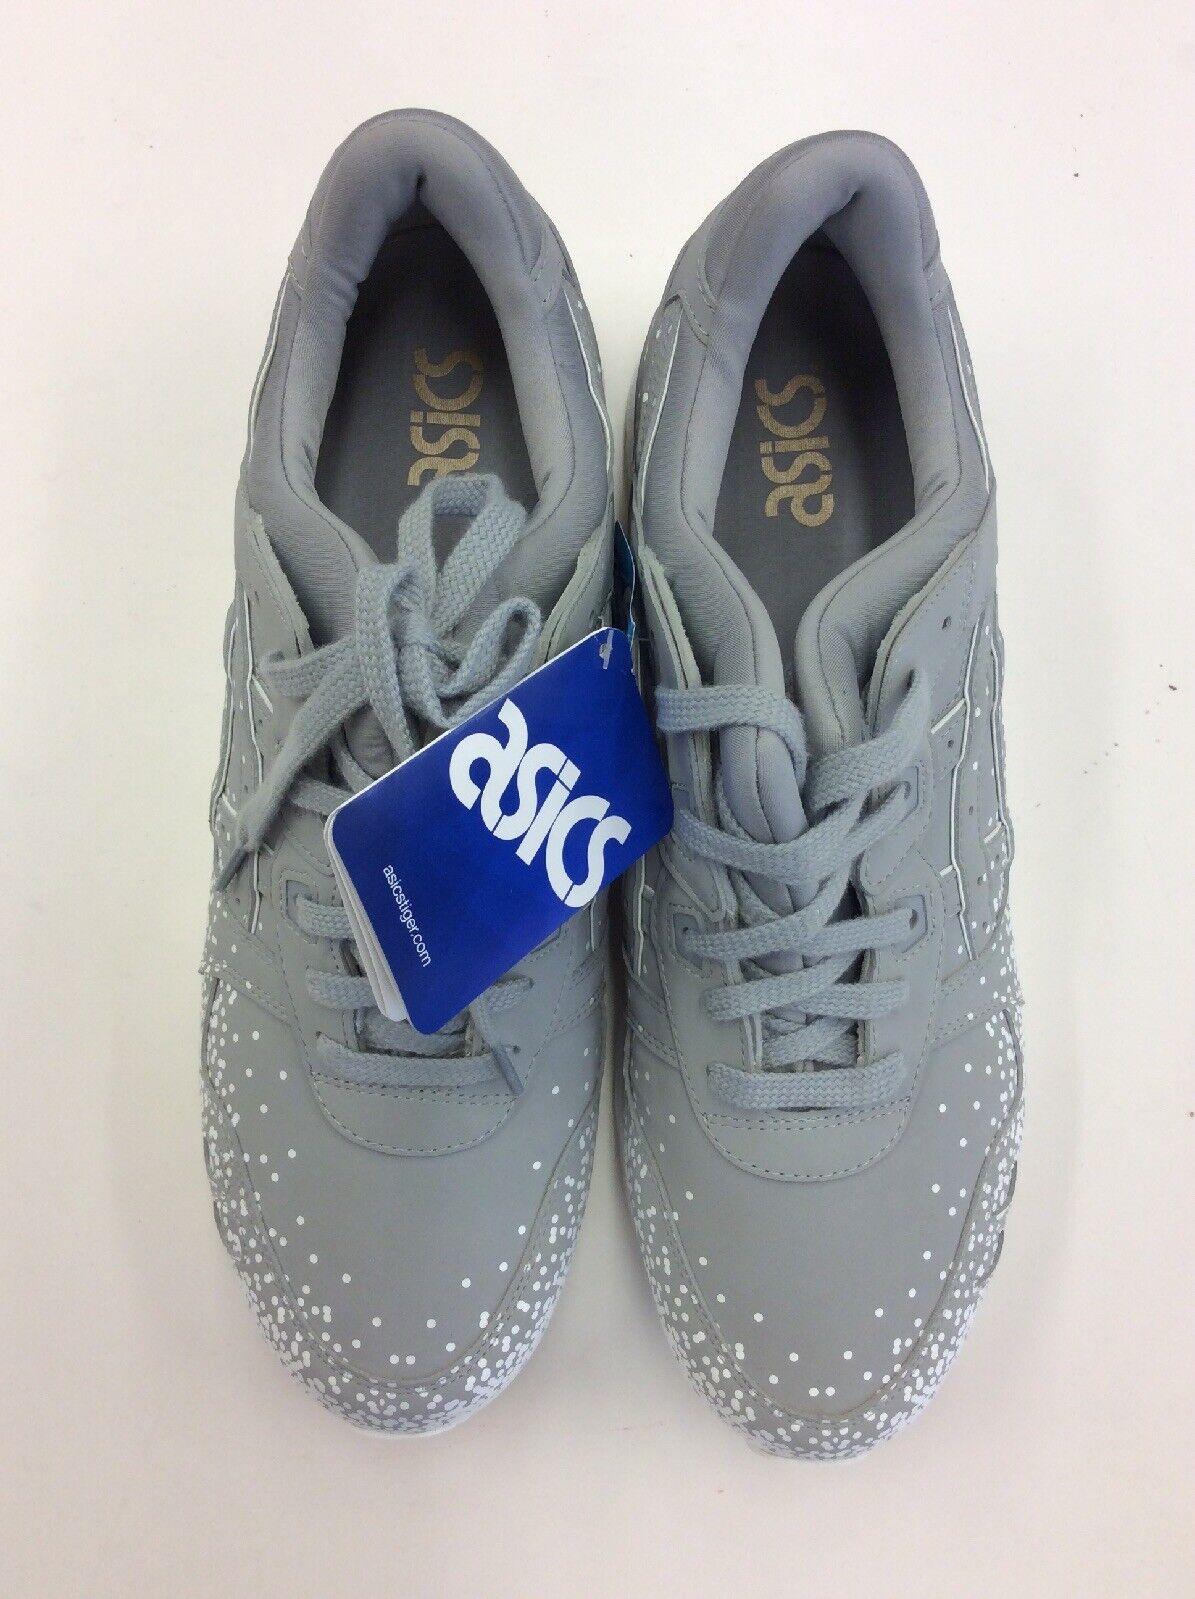 ASICS Men Gel-Lyte III Athletic scarpe da ginnastica H6W3Y-1313 Light grigio  Whit Dimensione 11.5